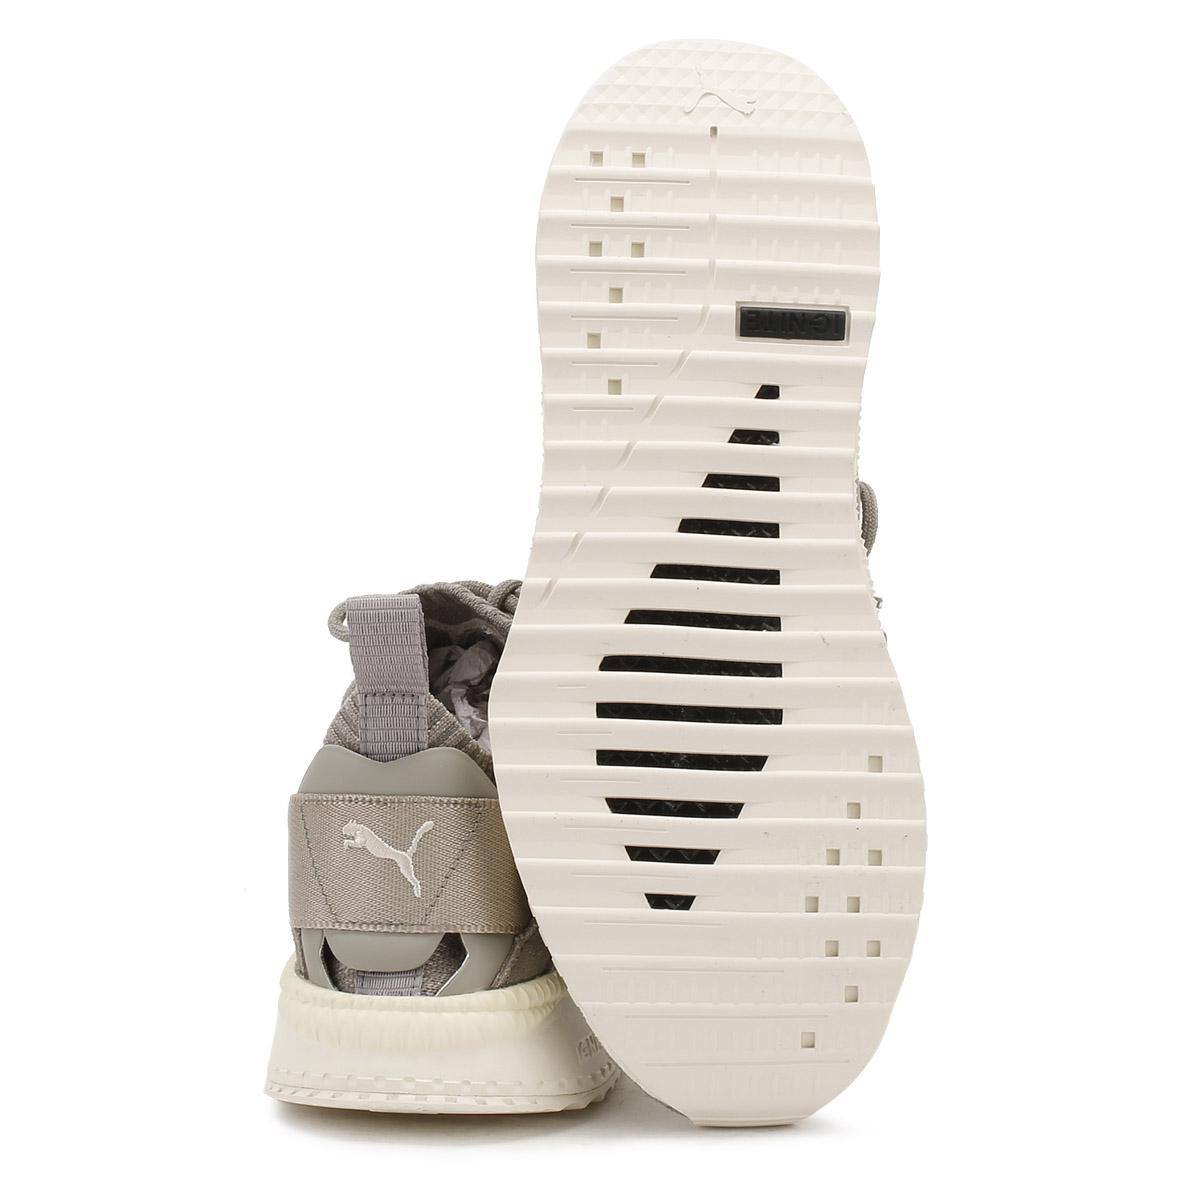 Puma Homme Vert ou Gris Tsugi Tsugi Tsugi Blaze evoknit Baskets Sport Chaussures De Loisirs   Outlet Store    Vendant Bien Partout Dans Le Monde  fc31f5